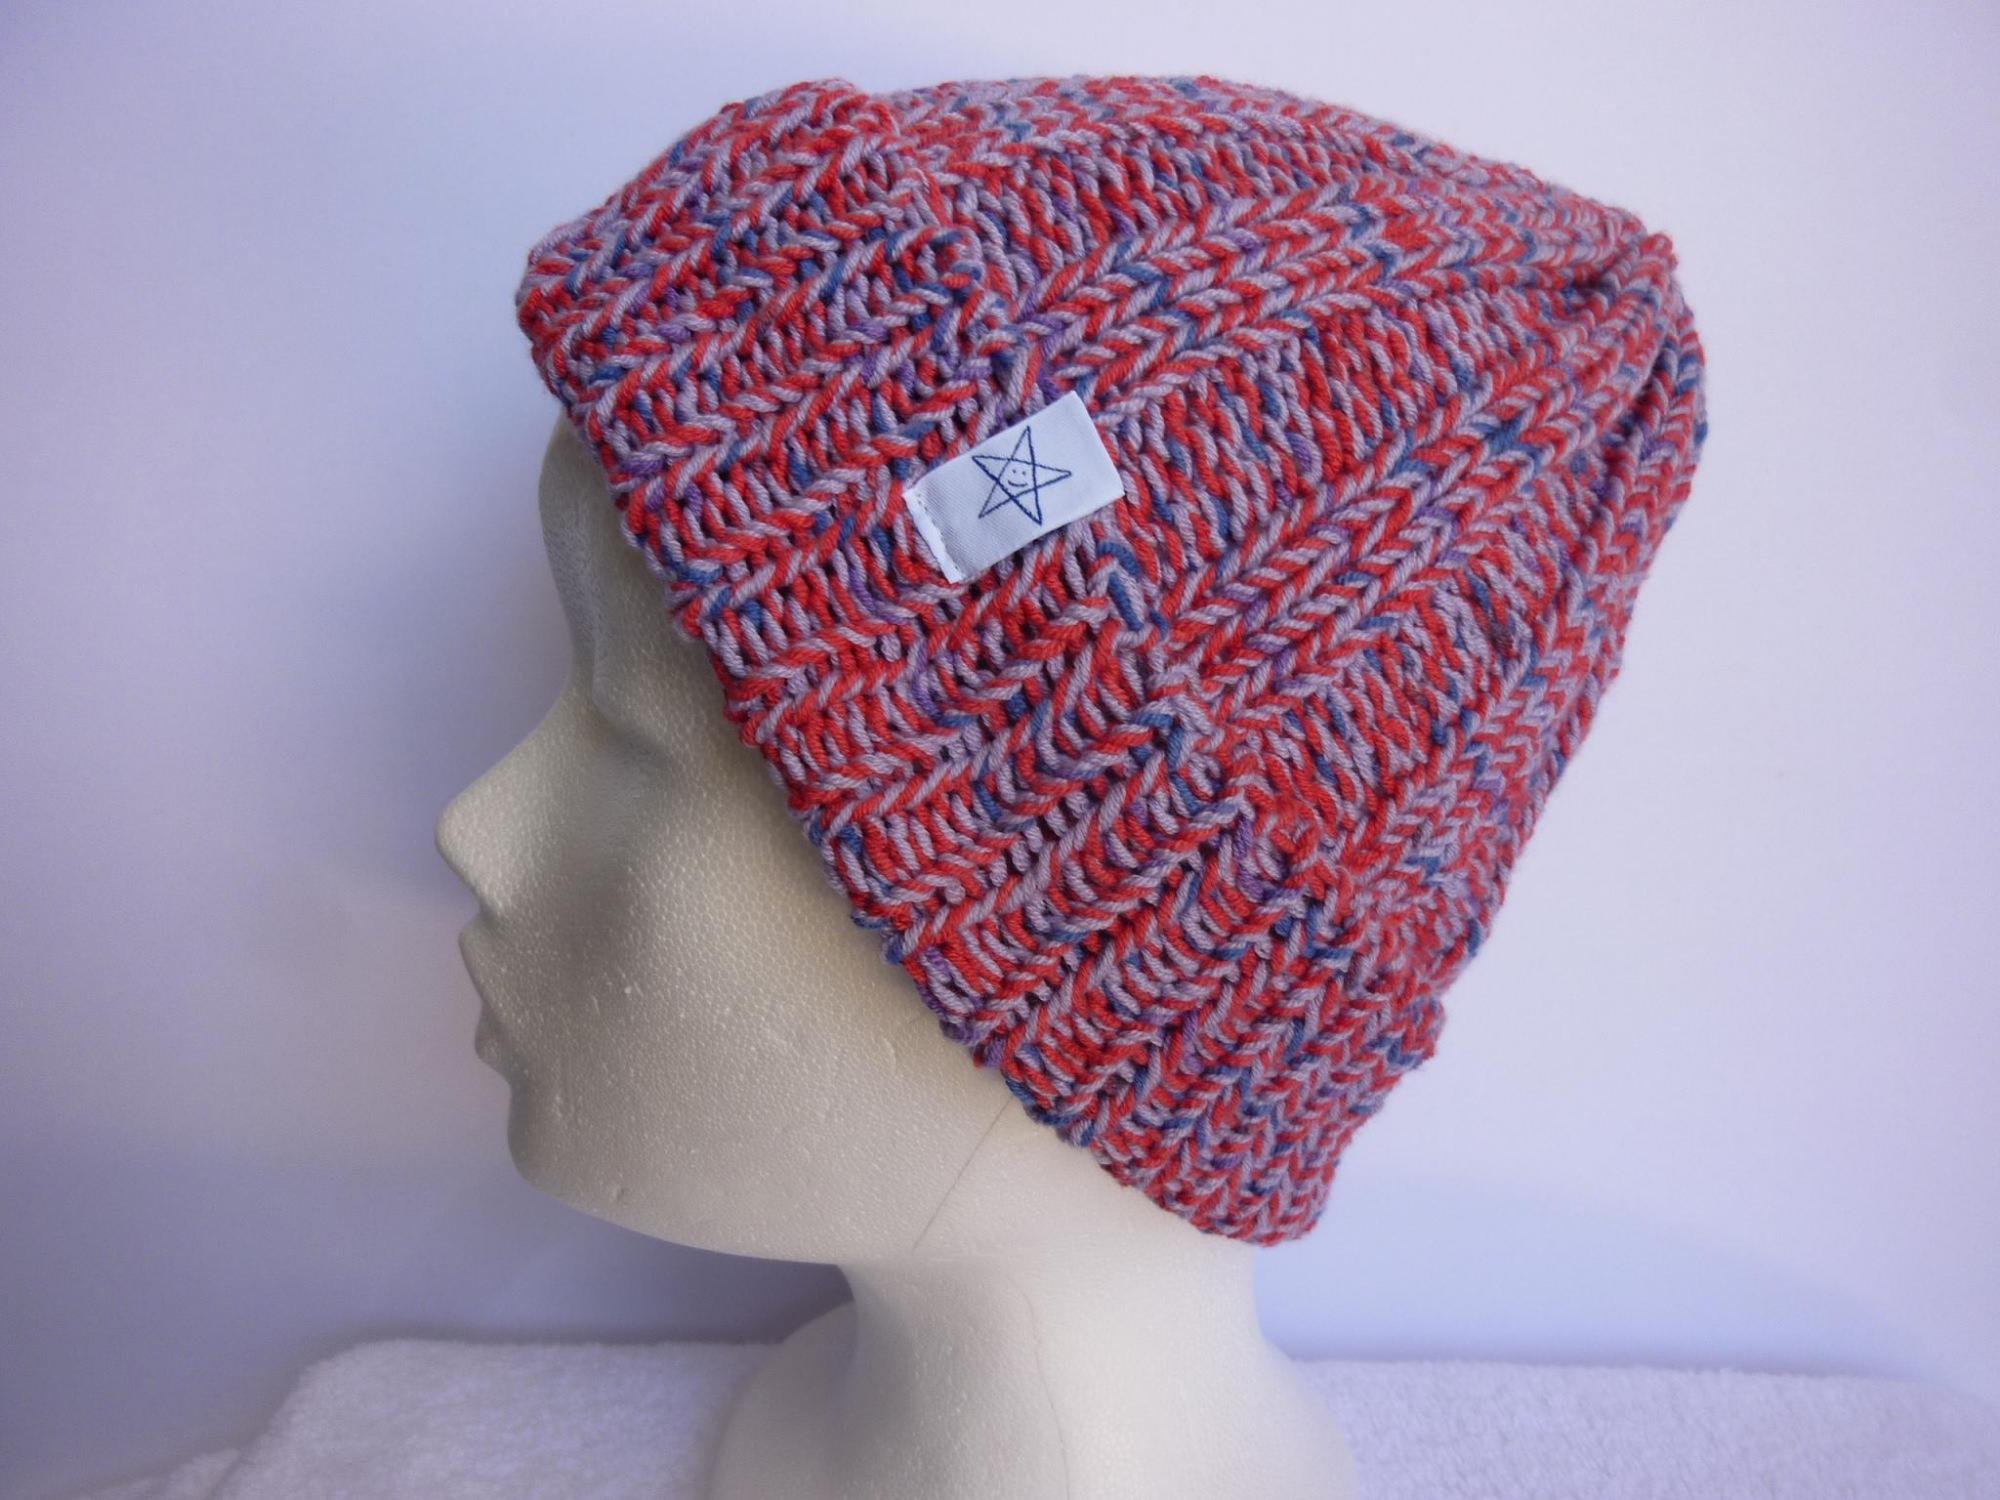 - Strickmütze Flieder Rot Blau aus Baumwolle handgestrickt - Strickmütze Flieder Rot Blau aus Baumwolle handgestrickt